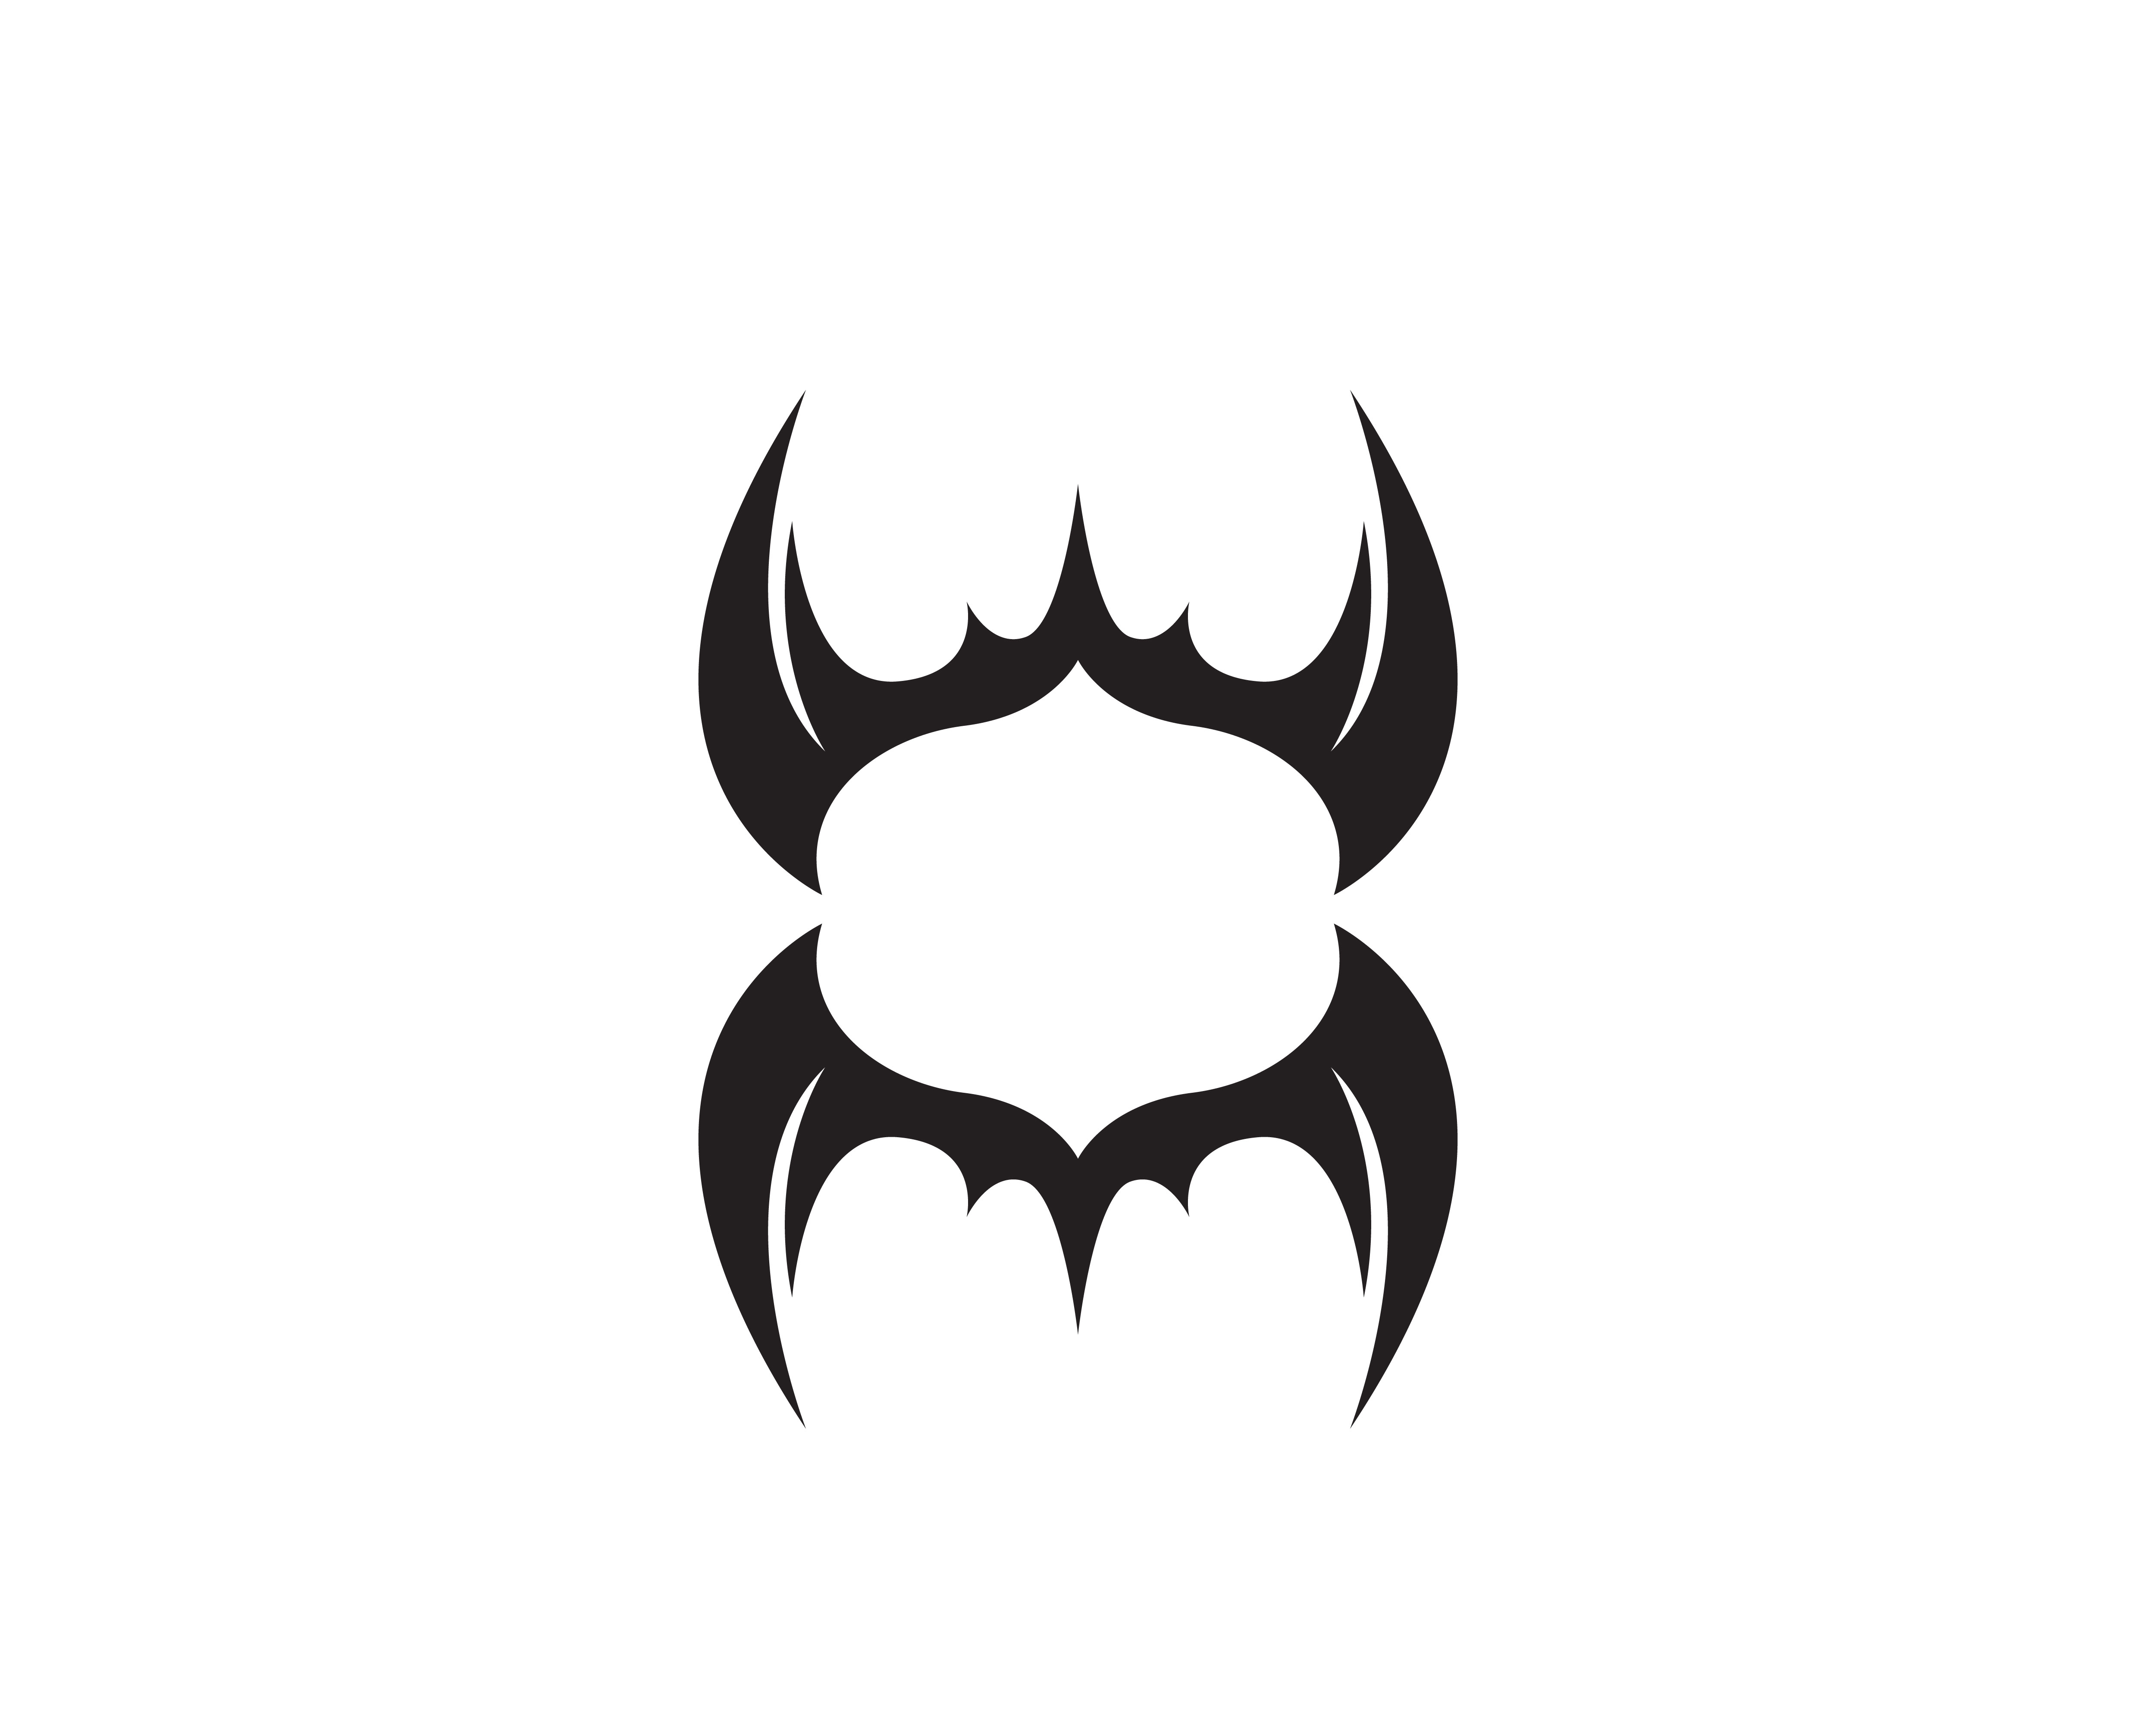 蝙蝠圖 免費下載   天天瘋後製